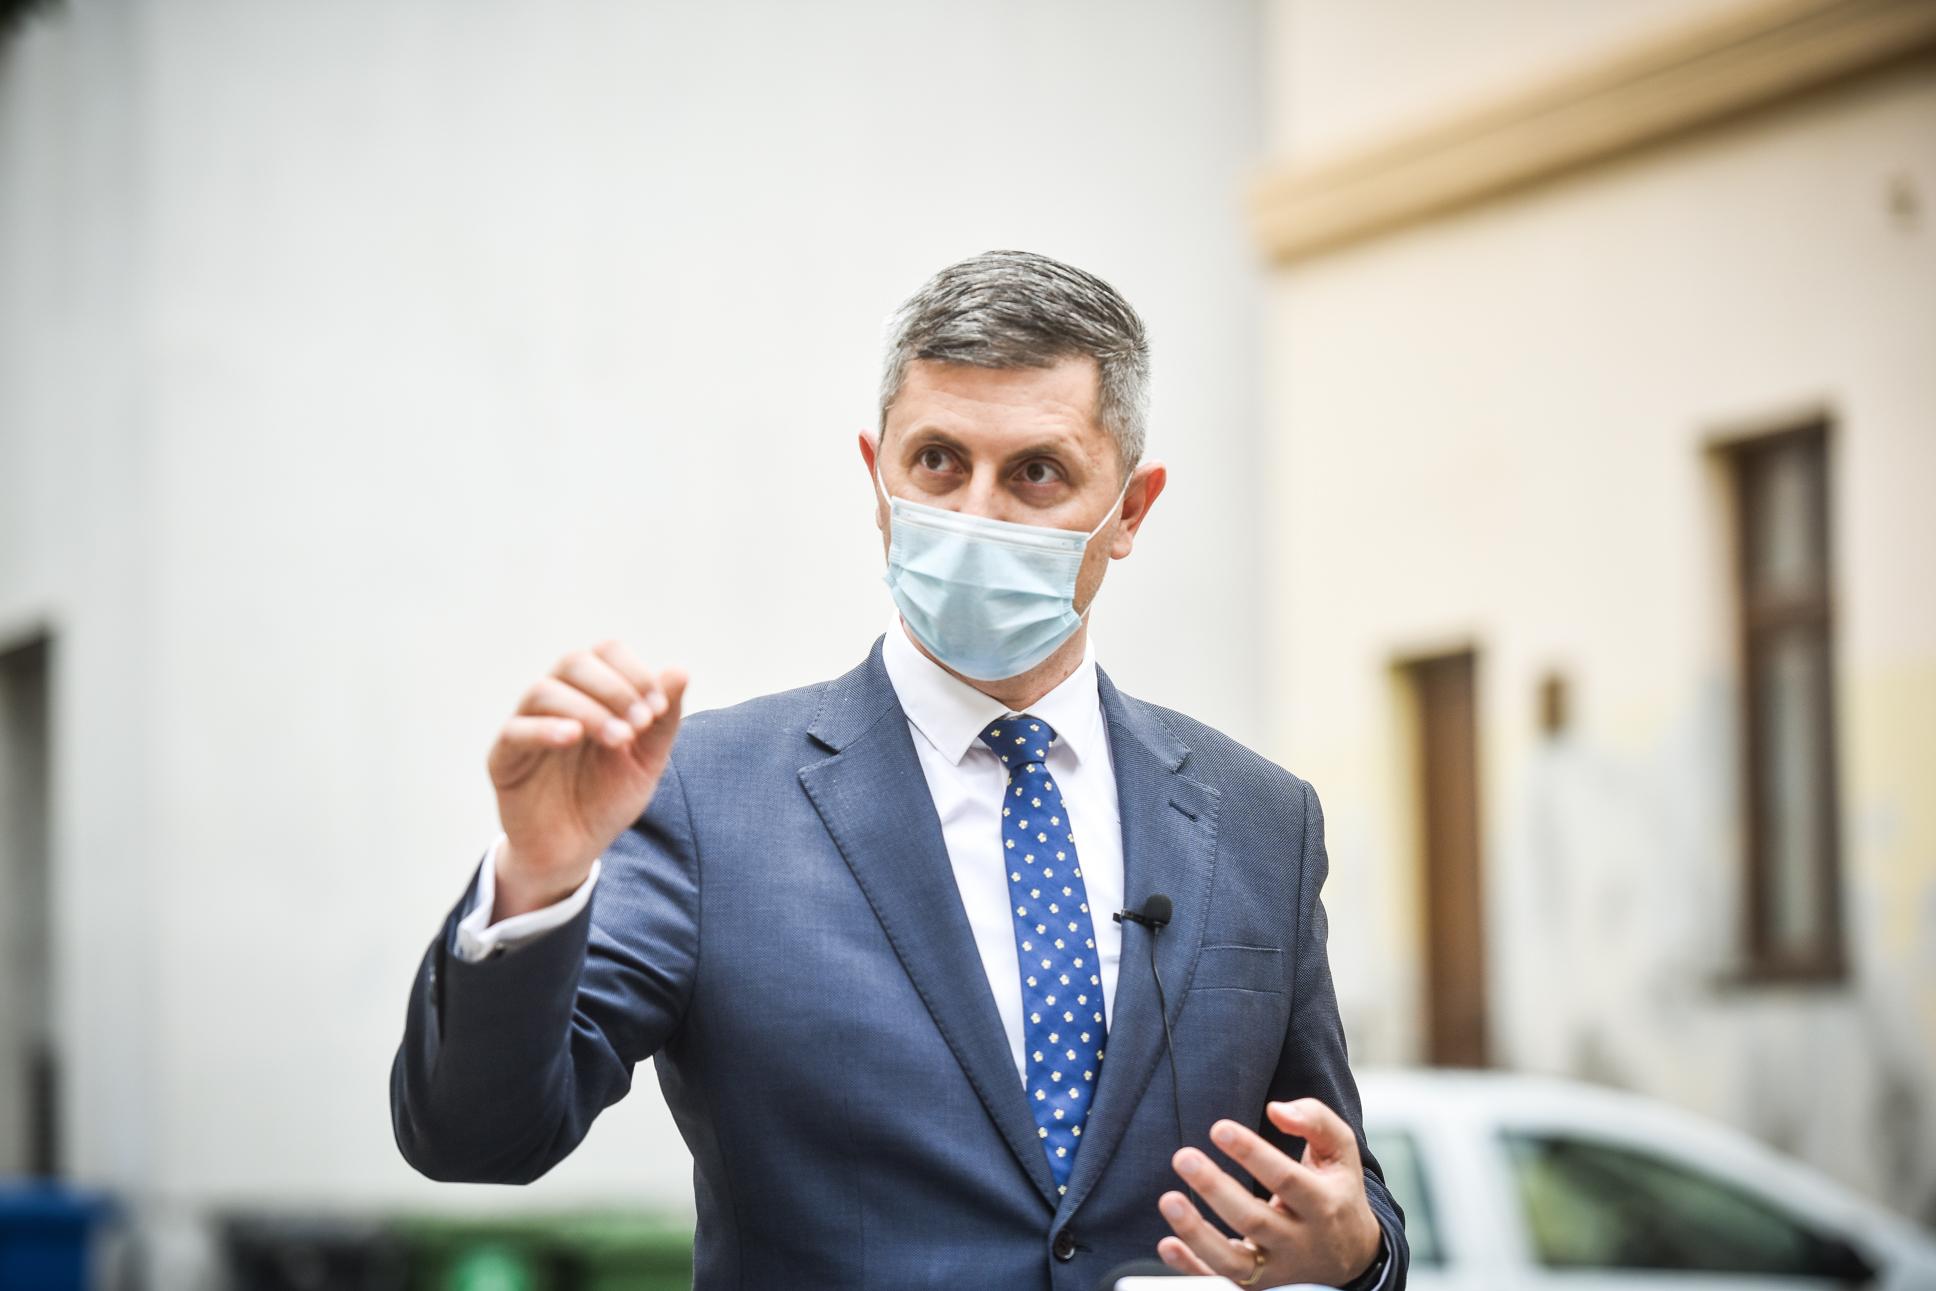 Barna spune că a propus ca românii vaccinaţi să poată participa la nunţi, botezuri, meciuri de fotbal